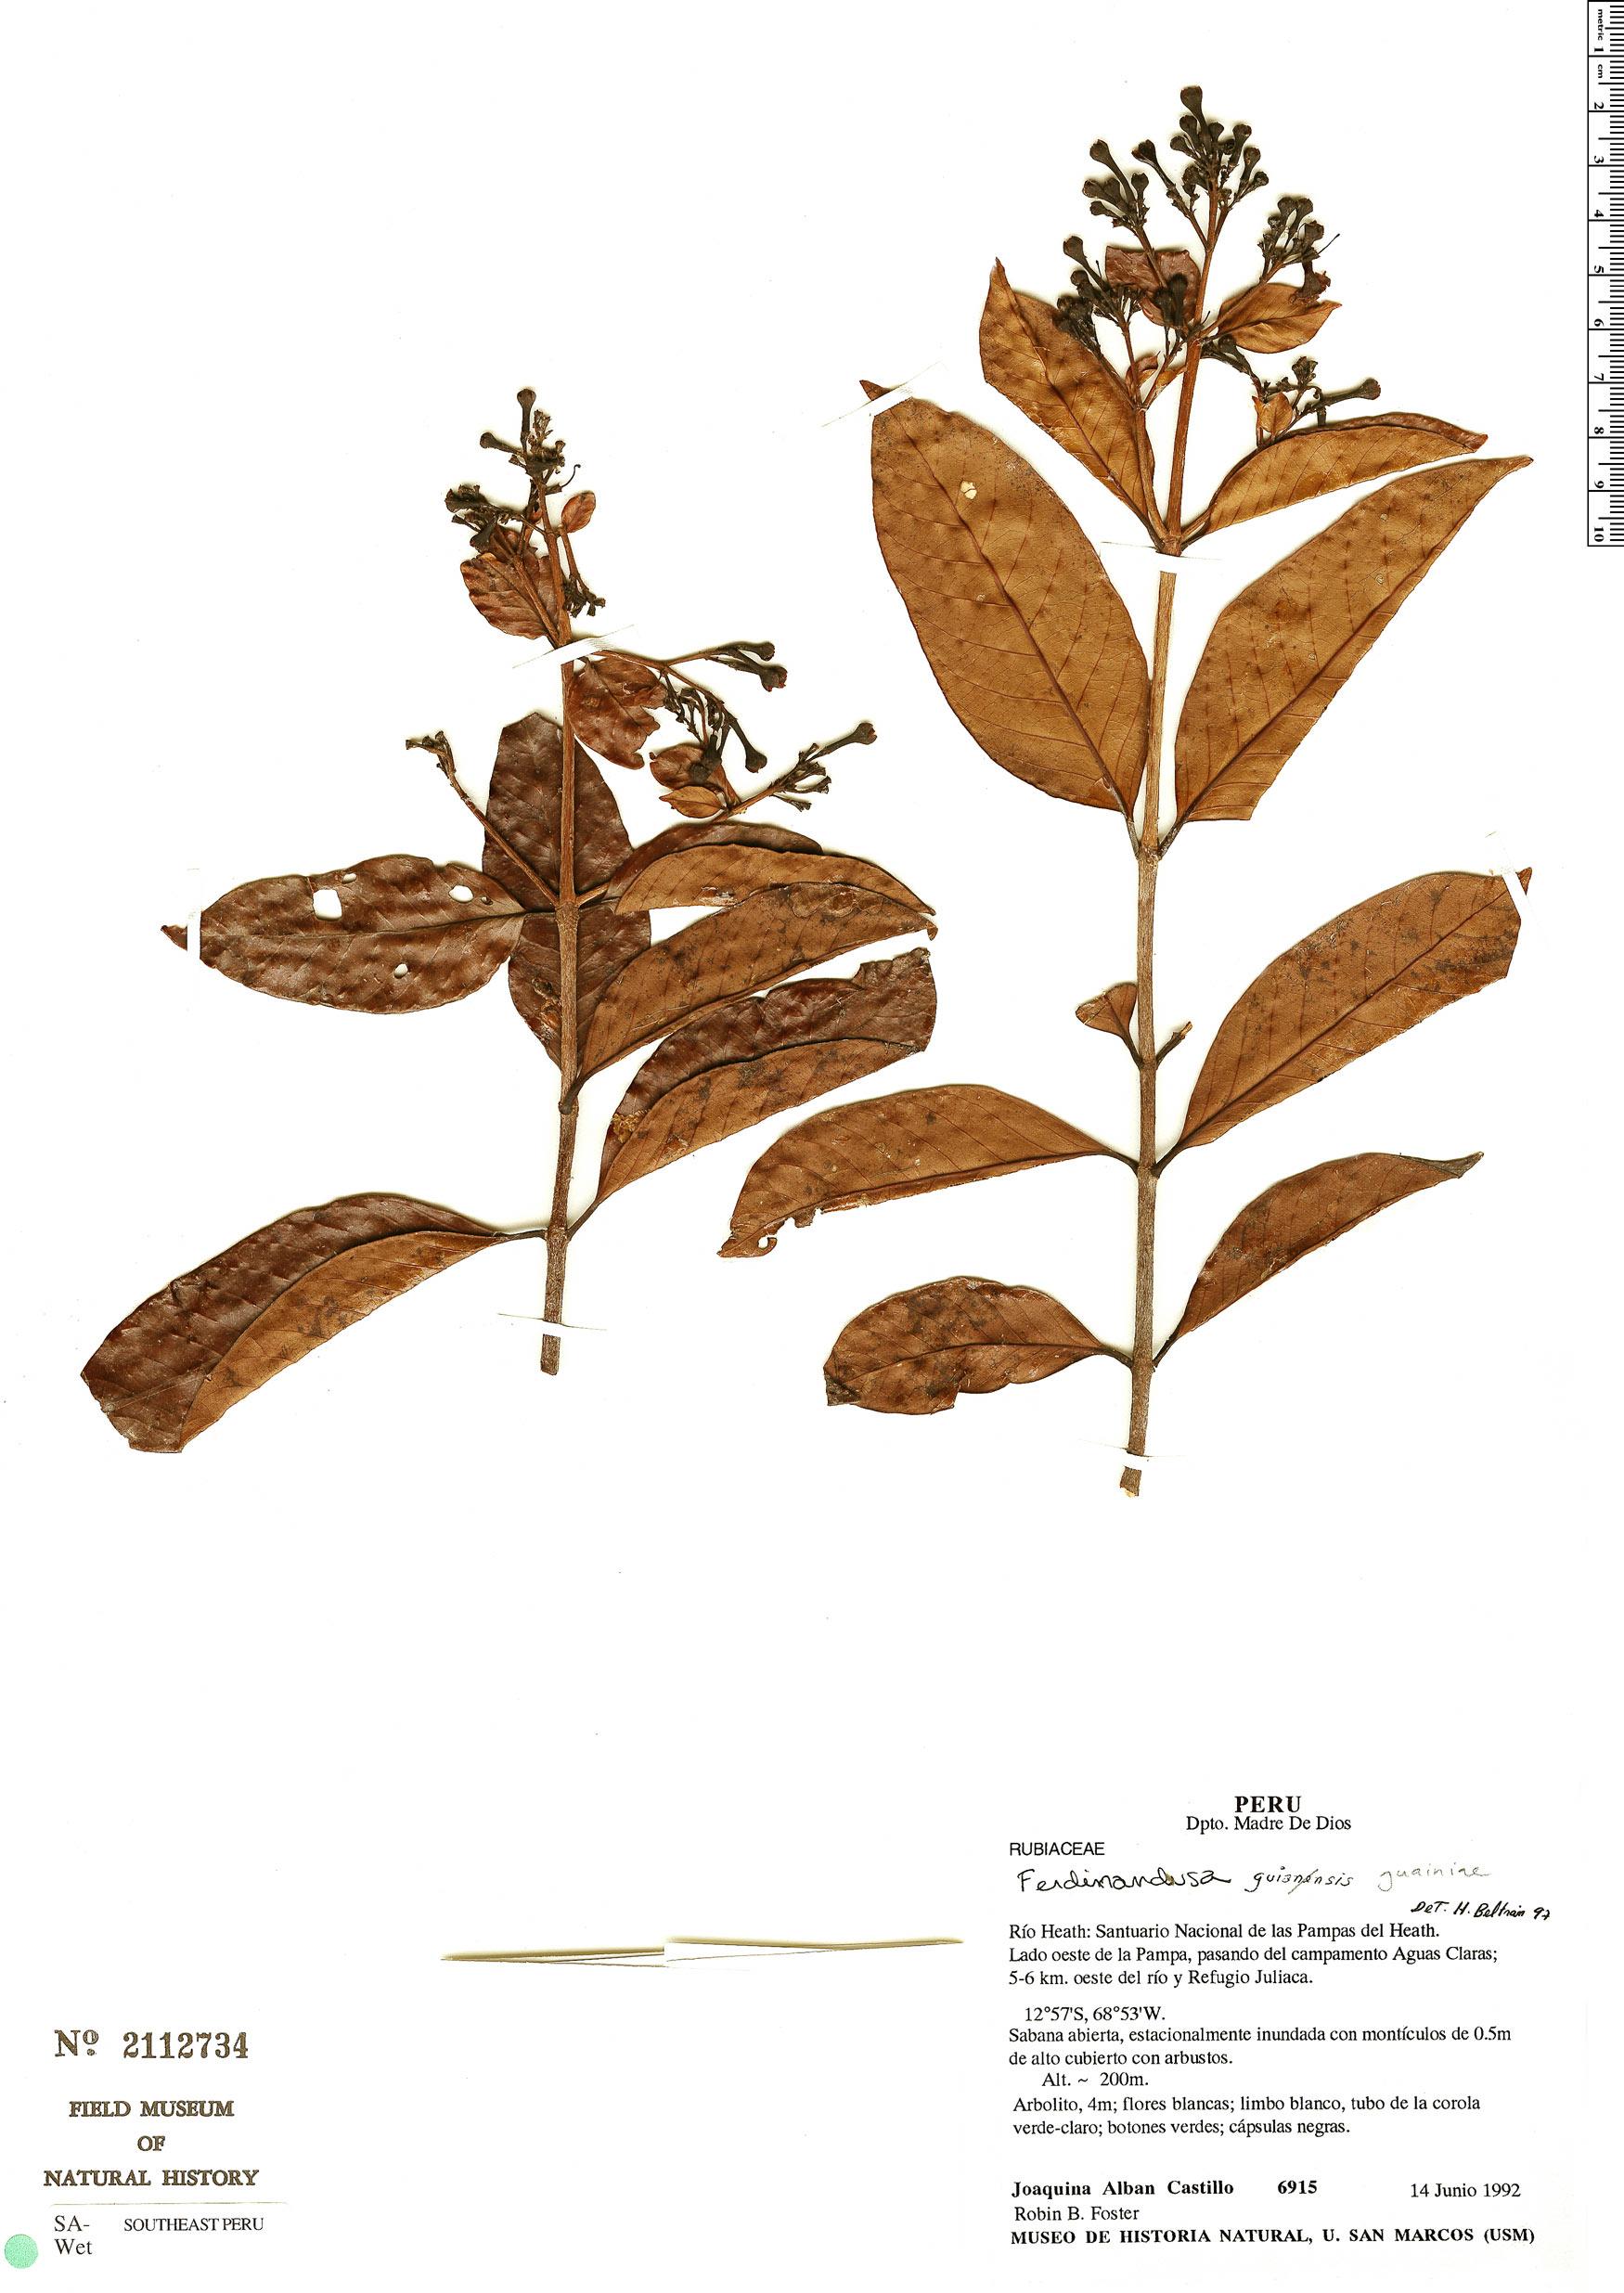 Specimen: Ferdinandusa guainiae